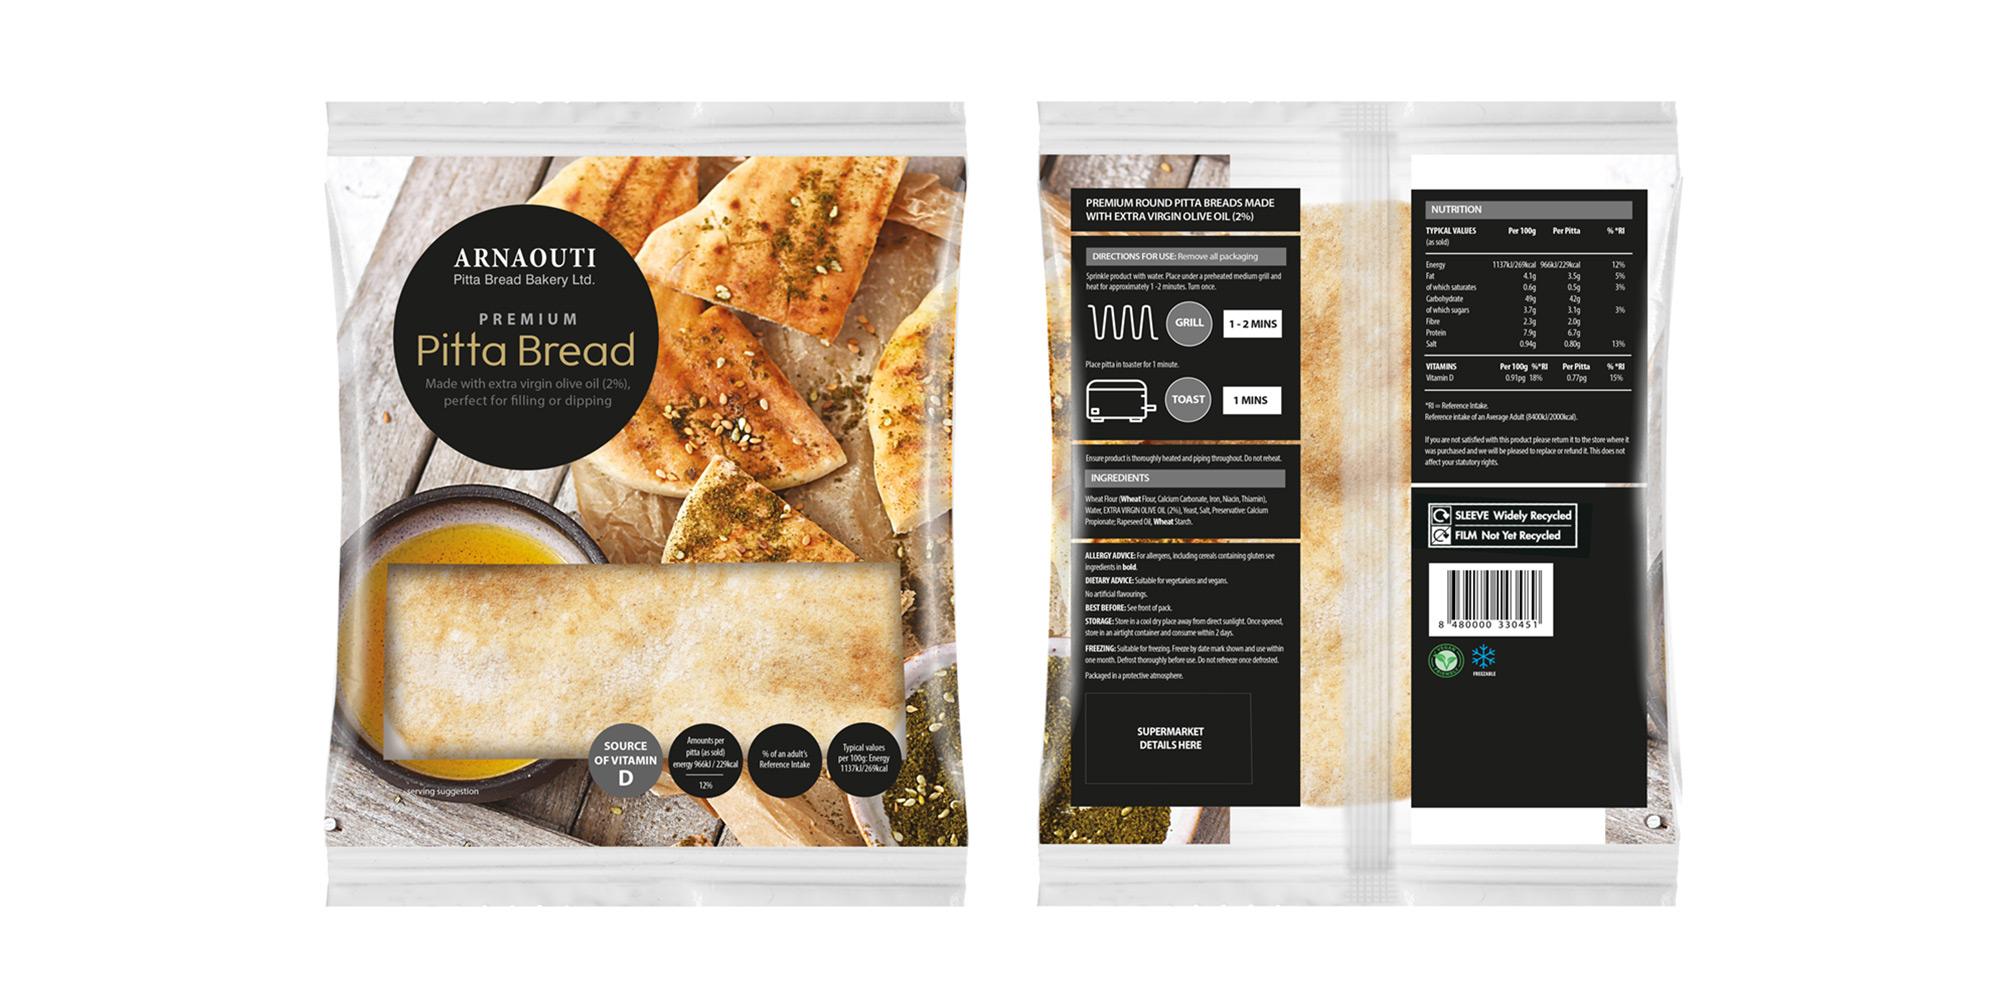 Arnaouti packaging design